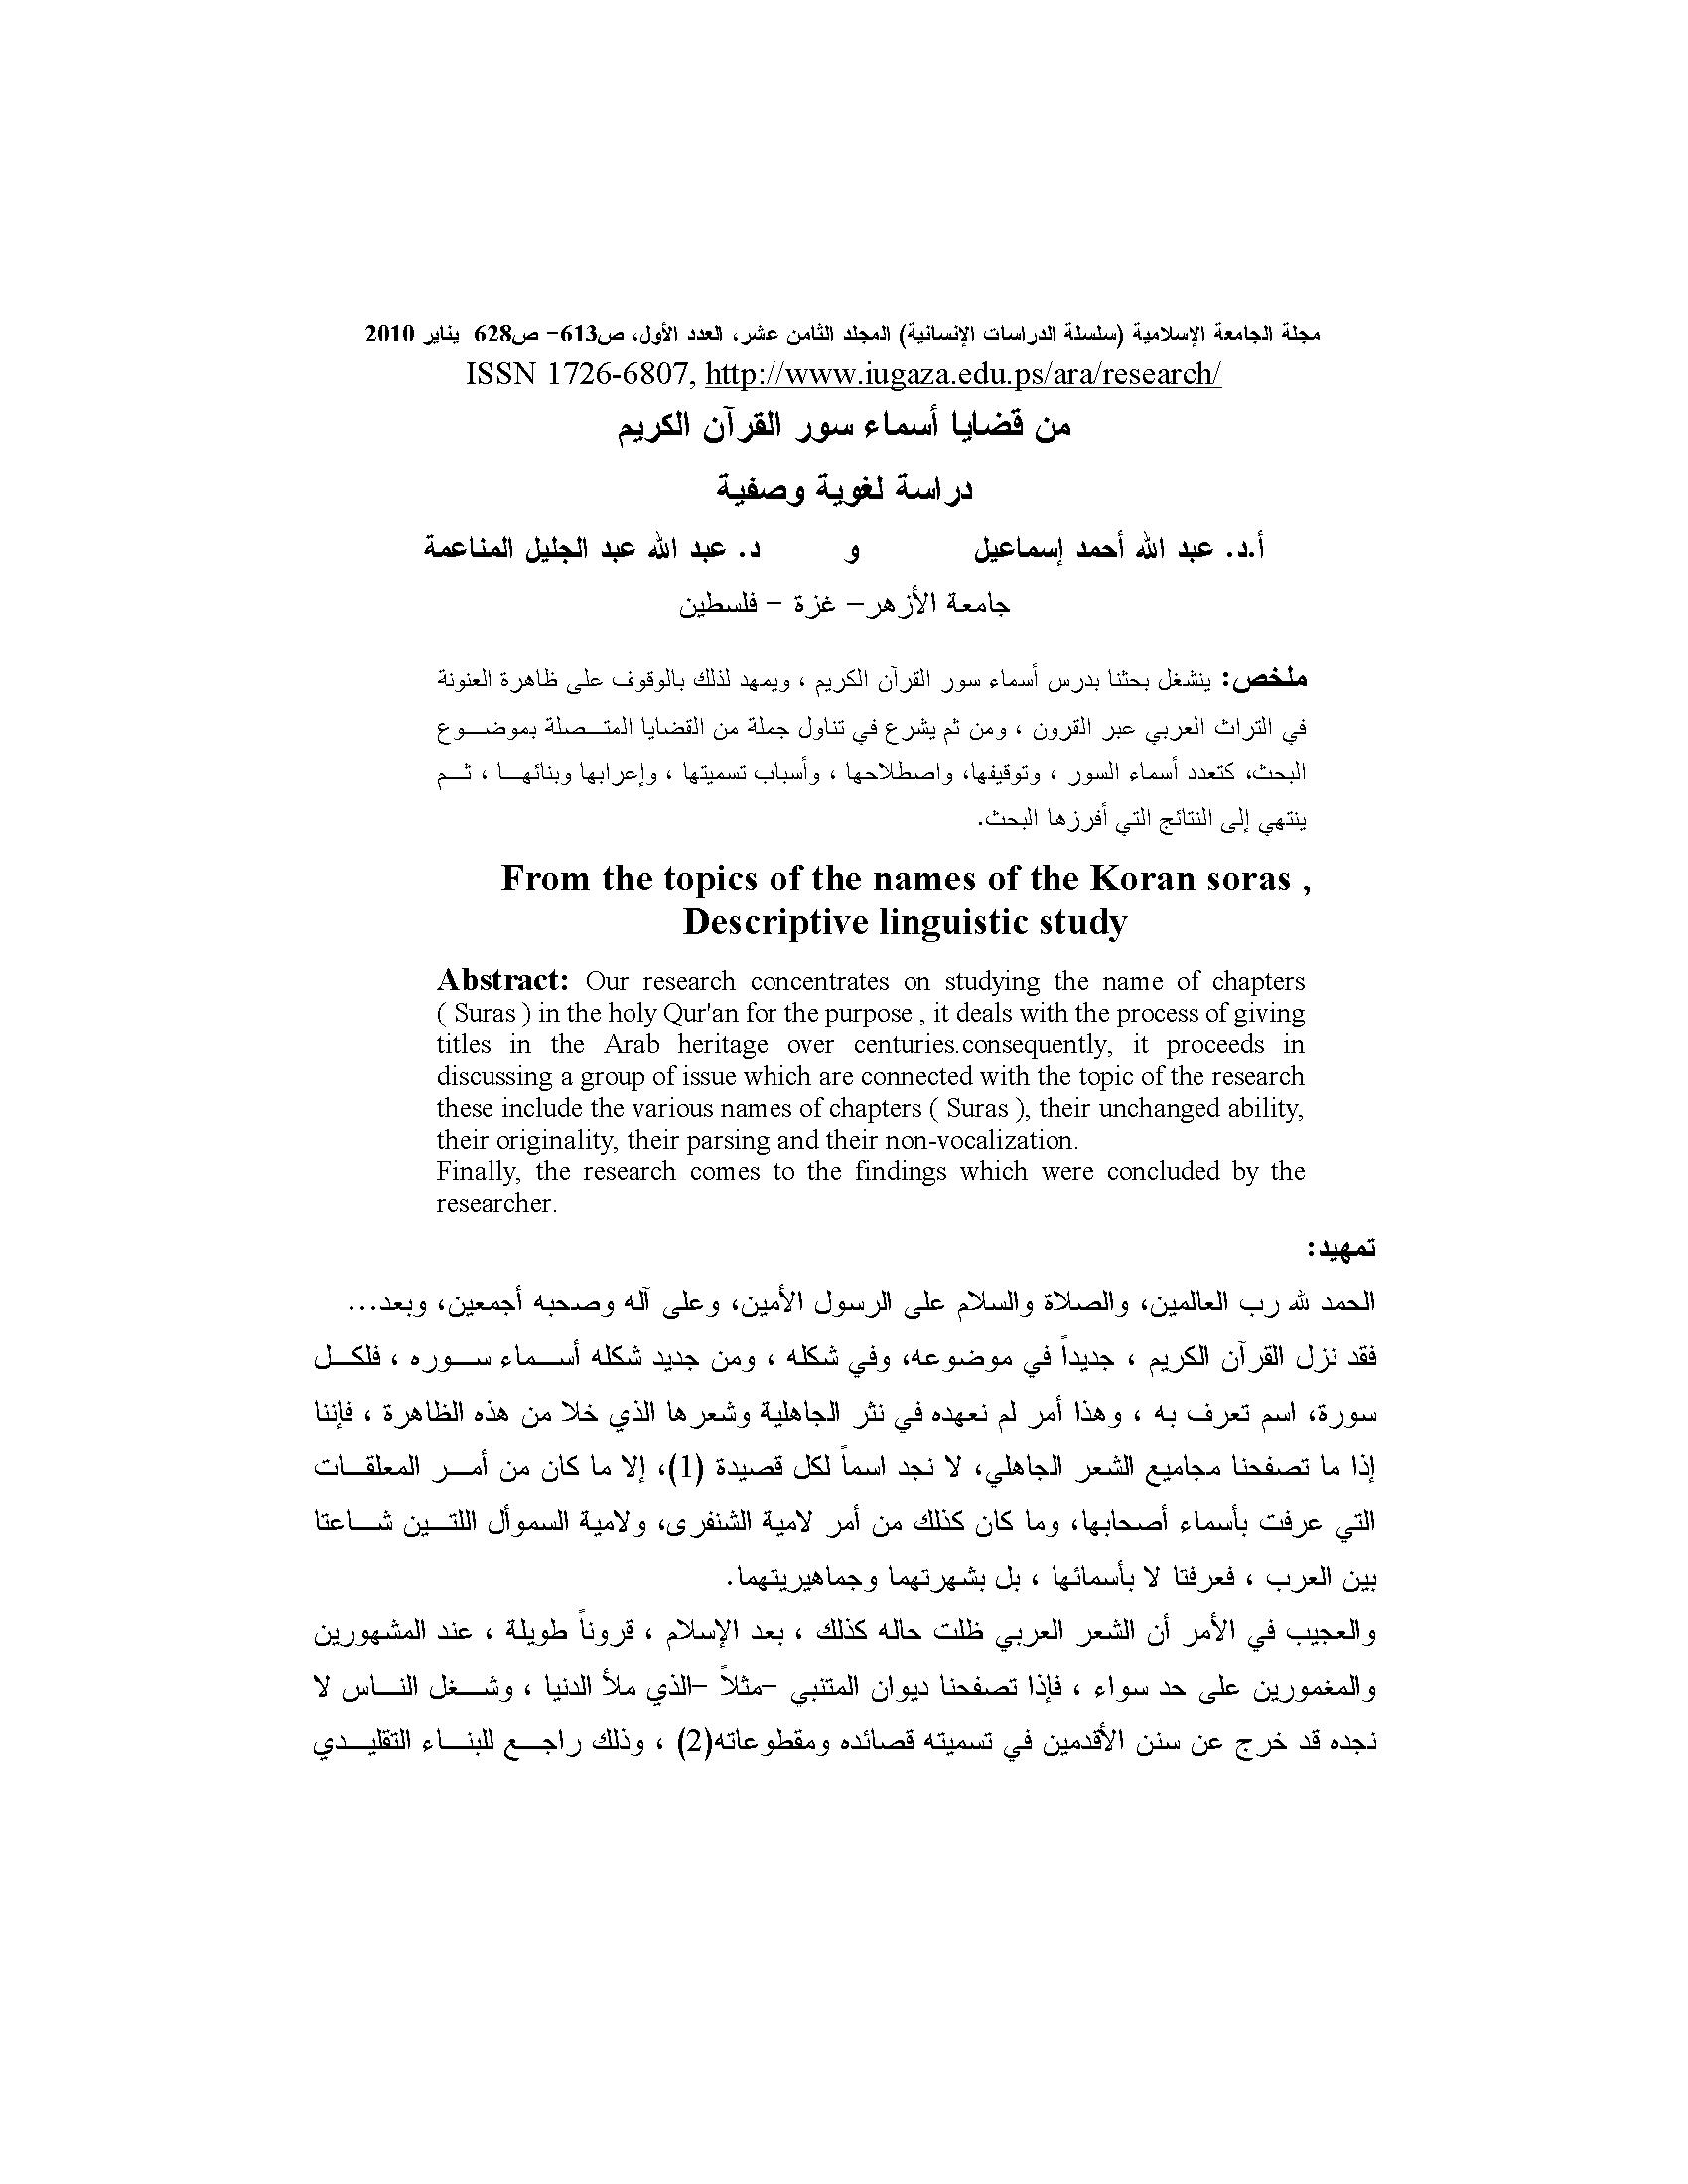 تحميل كتاب من قضايا أسماء سور القرآن الكريم (دراسة لغوية وصفية) لـِ: الدكتور عبد الله أحمد إسماعيل